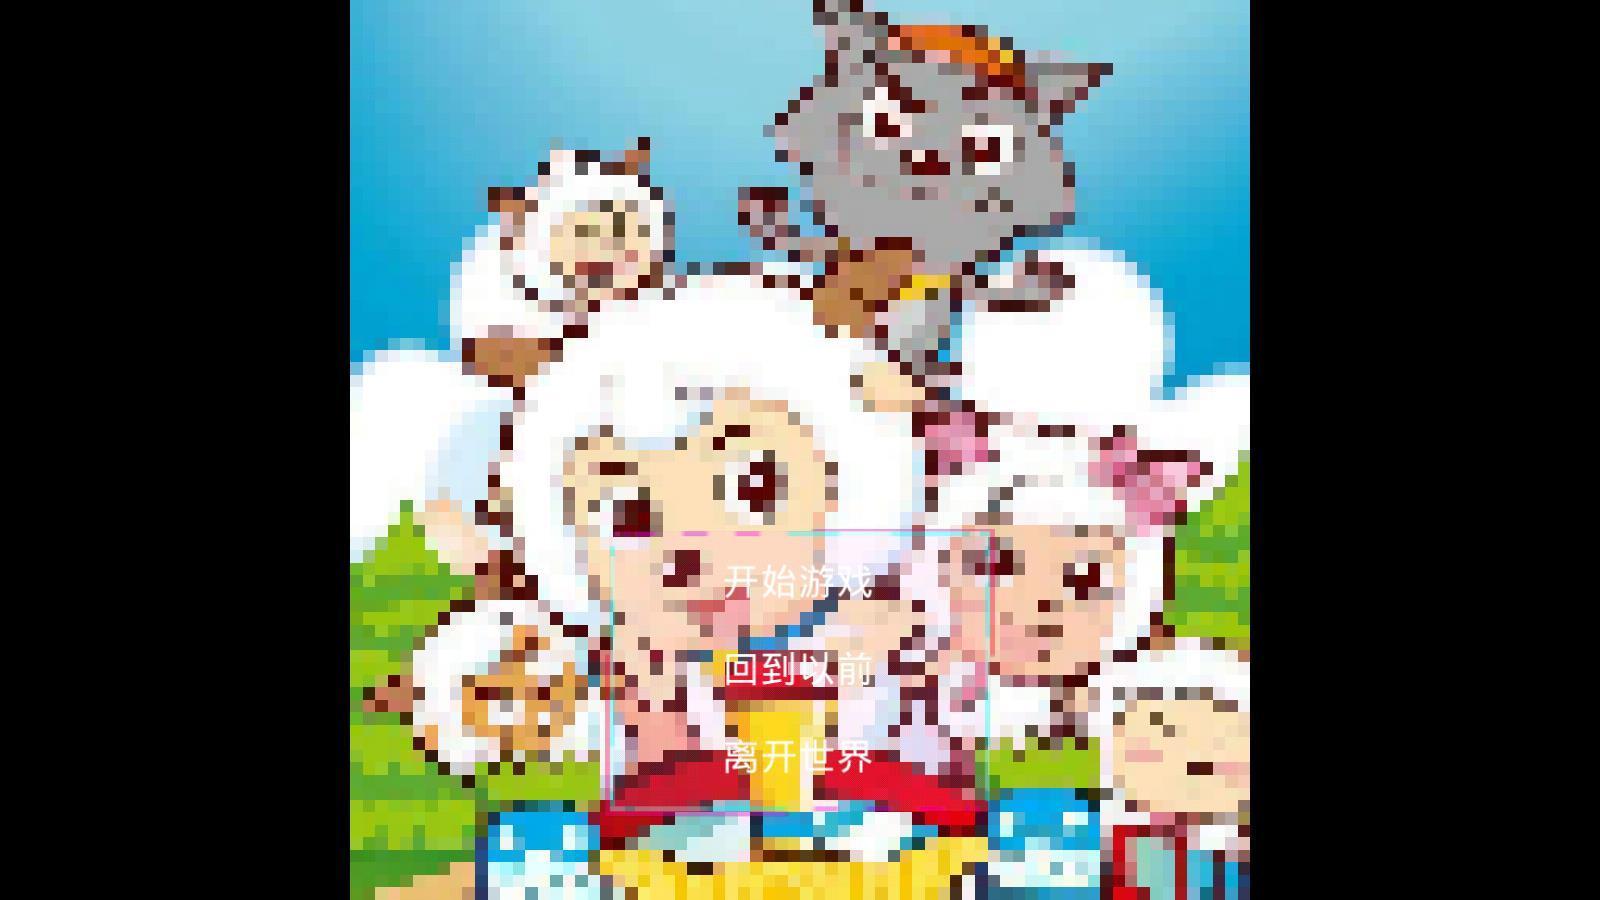 羊羊战记0.1.2